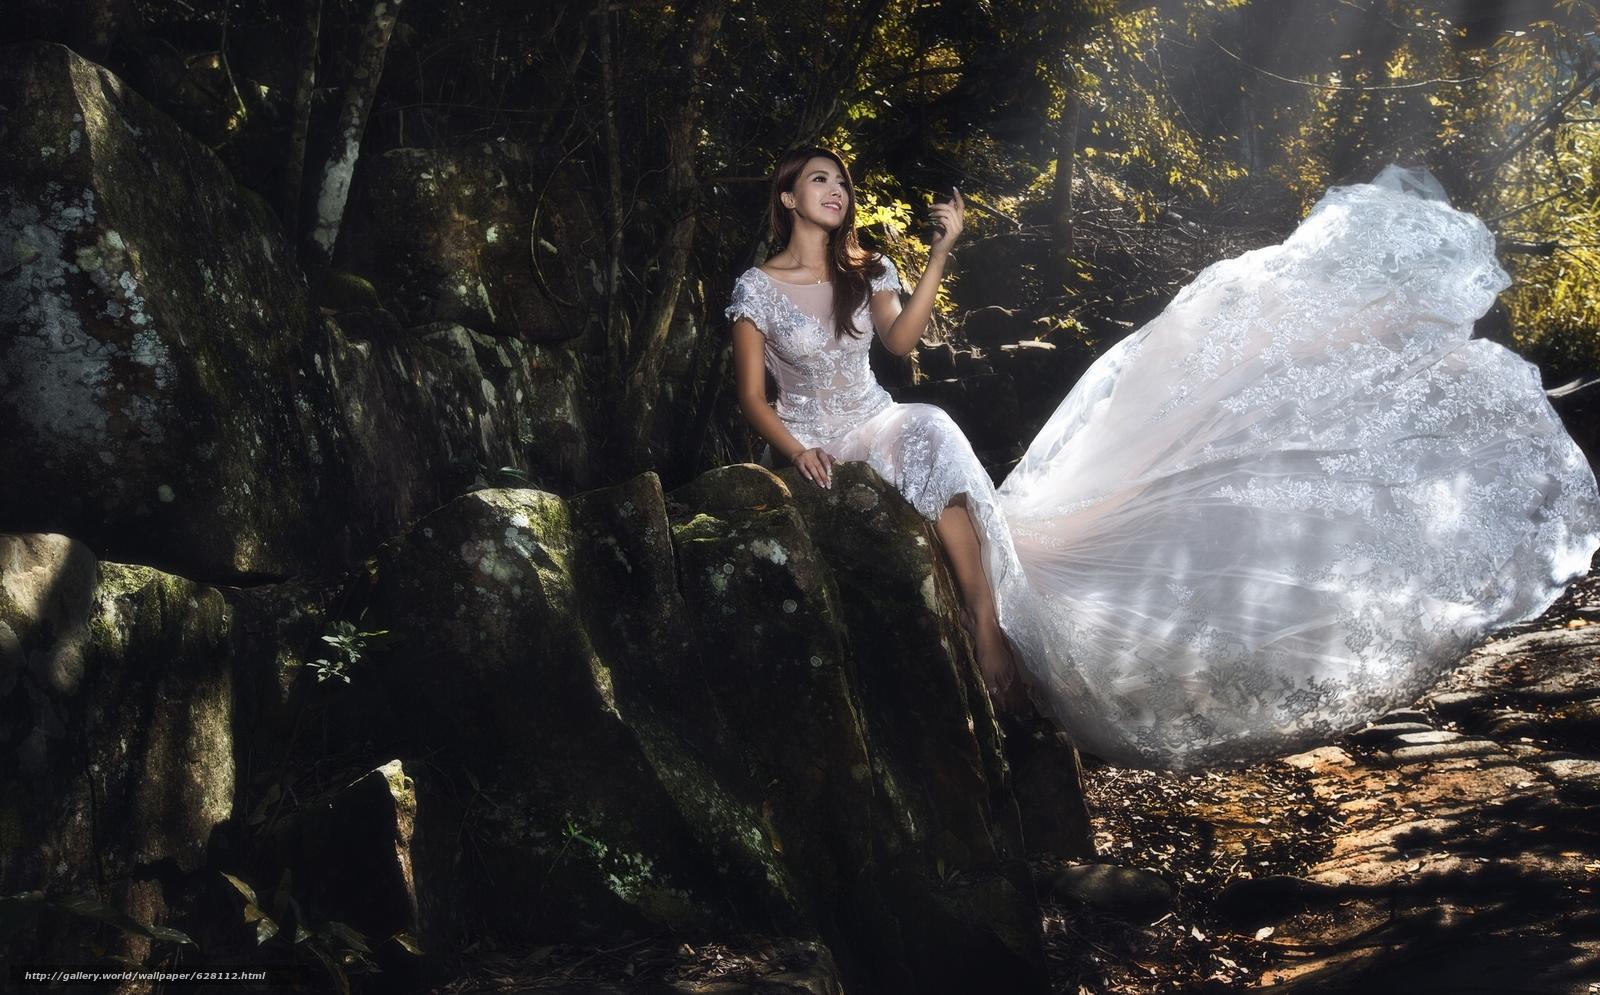 Скачать на телефон обои фото картинку на тему азиатка, свадебное платье, платье, настроение, разширение 2048x1274